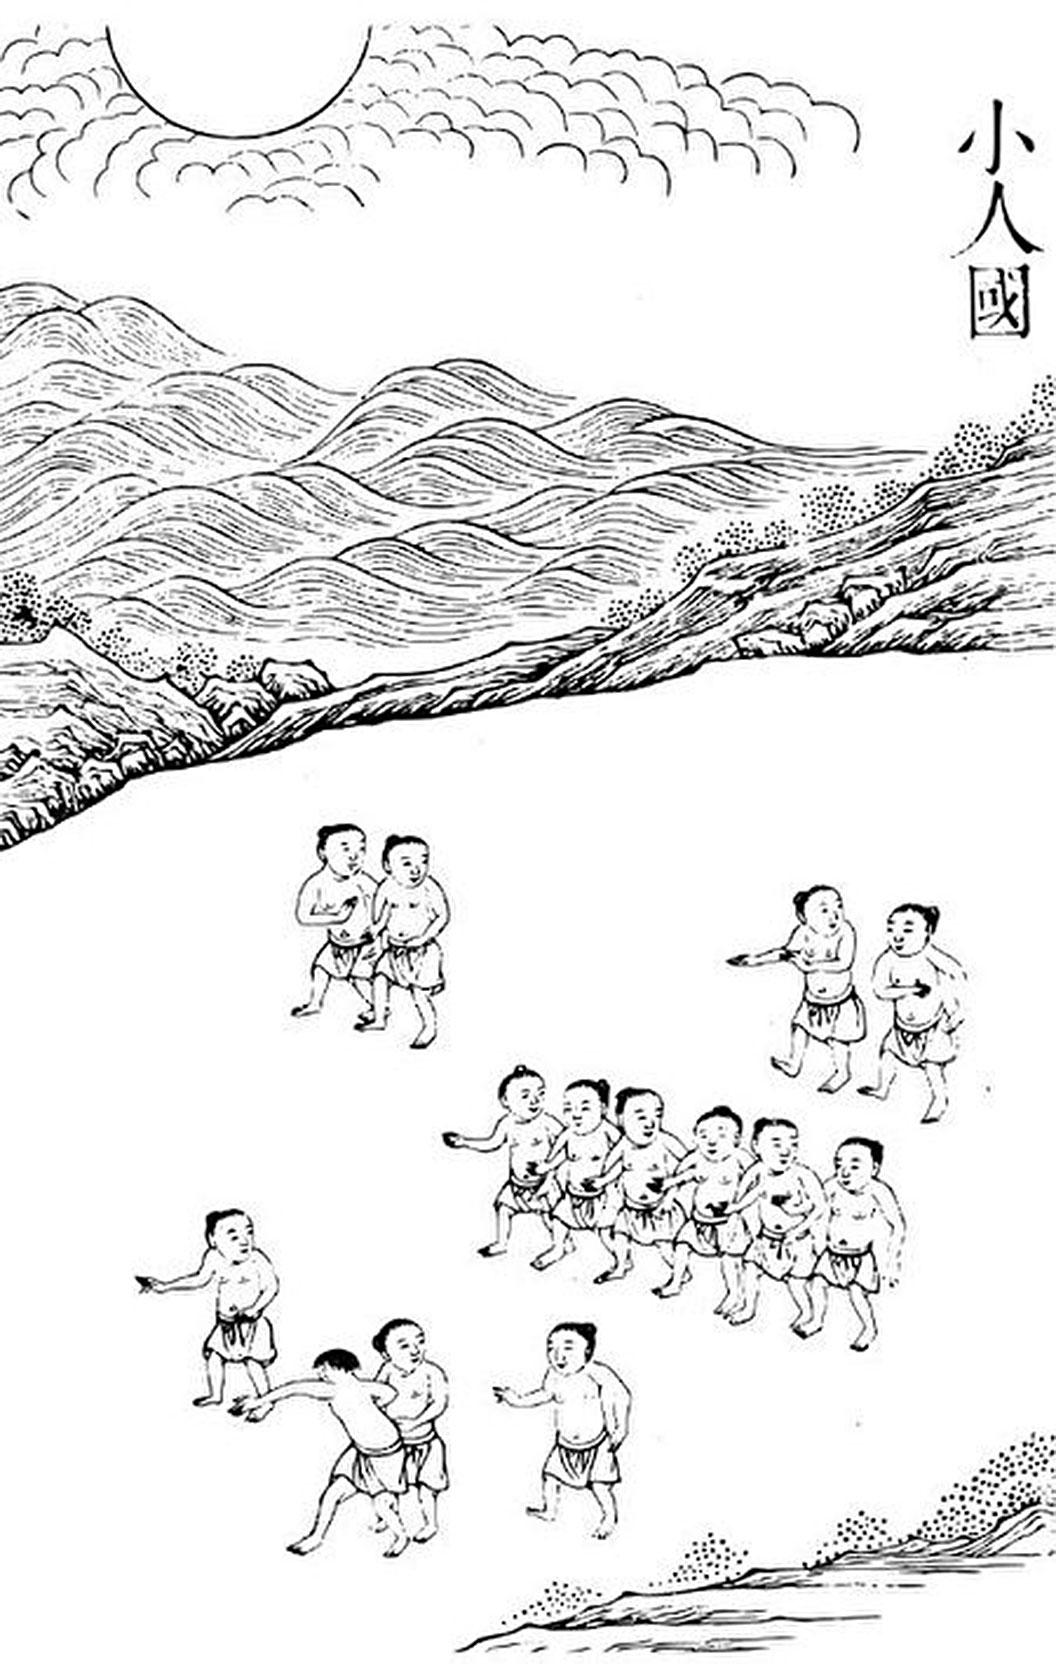 《古今圖書集成》中之小人國圖片。(公有領域)